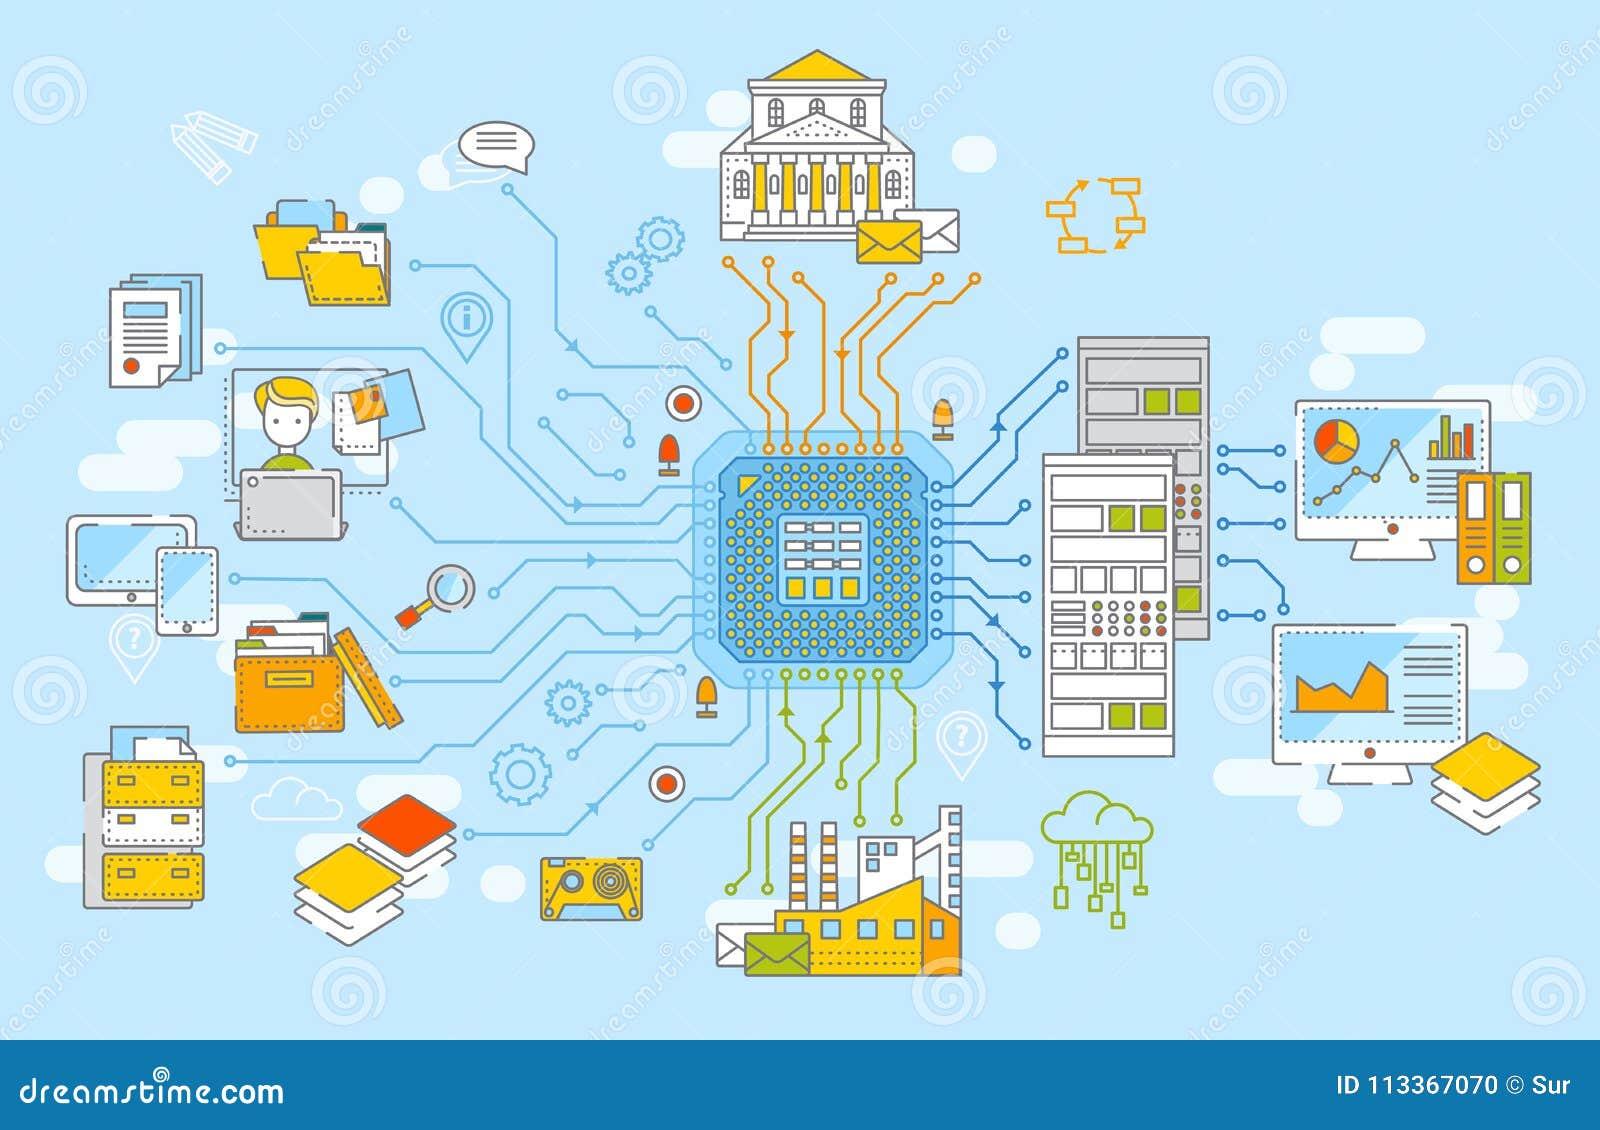 Große Daten-Konzept-Vektor-Illustration Nachrichtenbeschaffung, Datenverarbeitung, Informationen analysys, Datenspeicherung